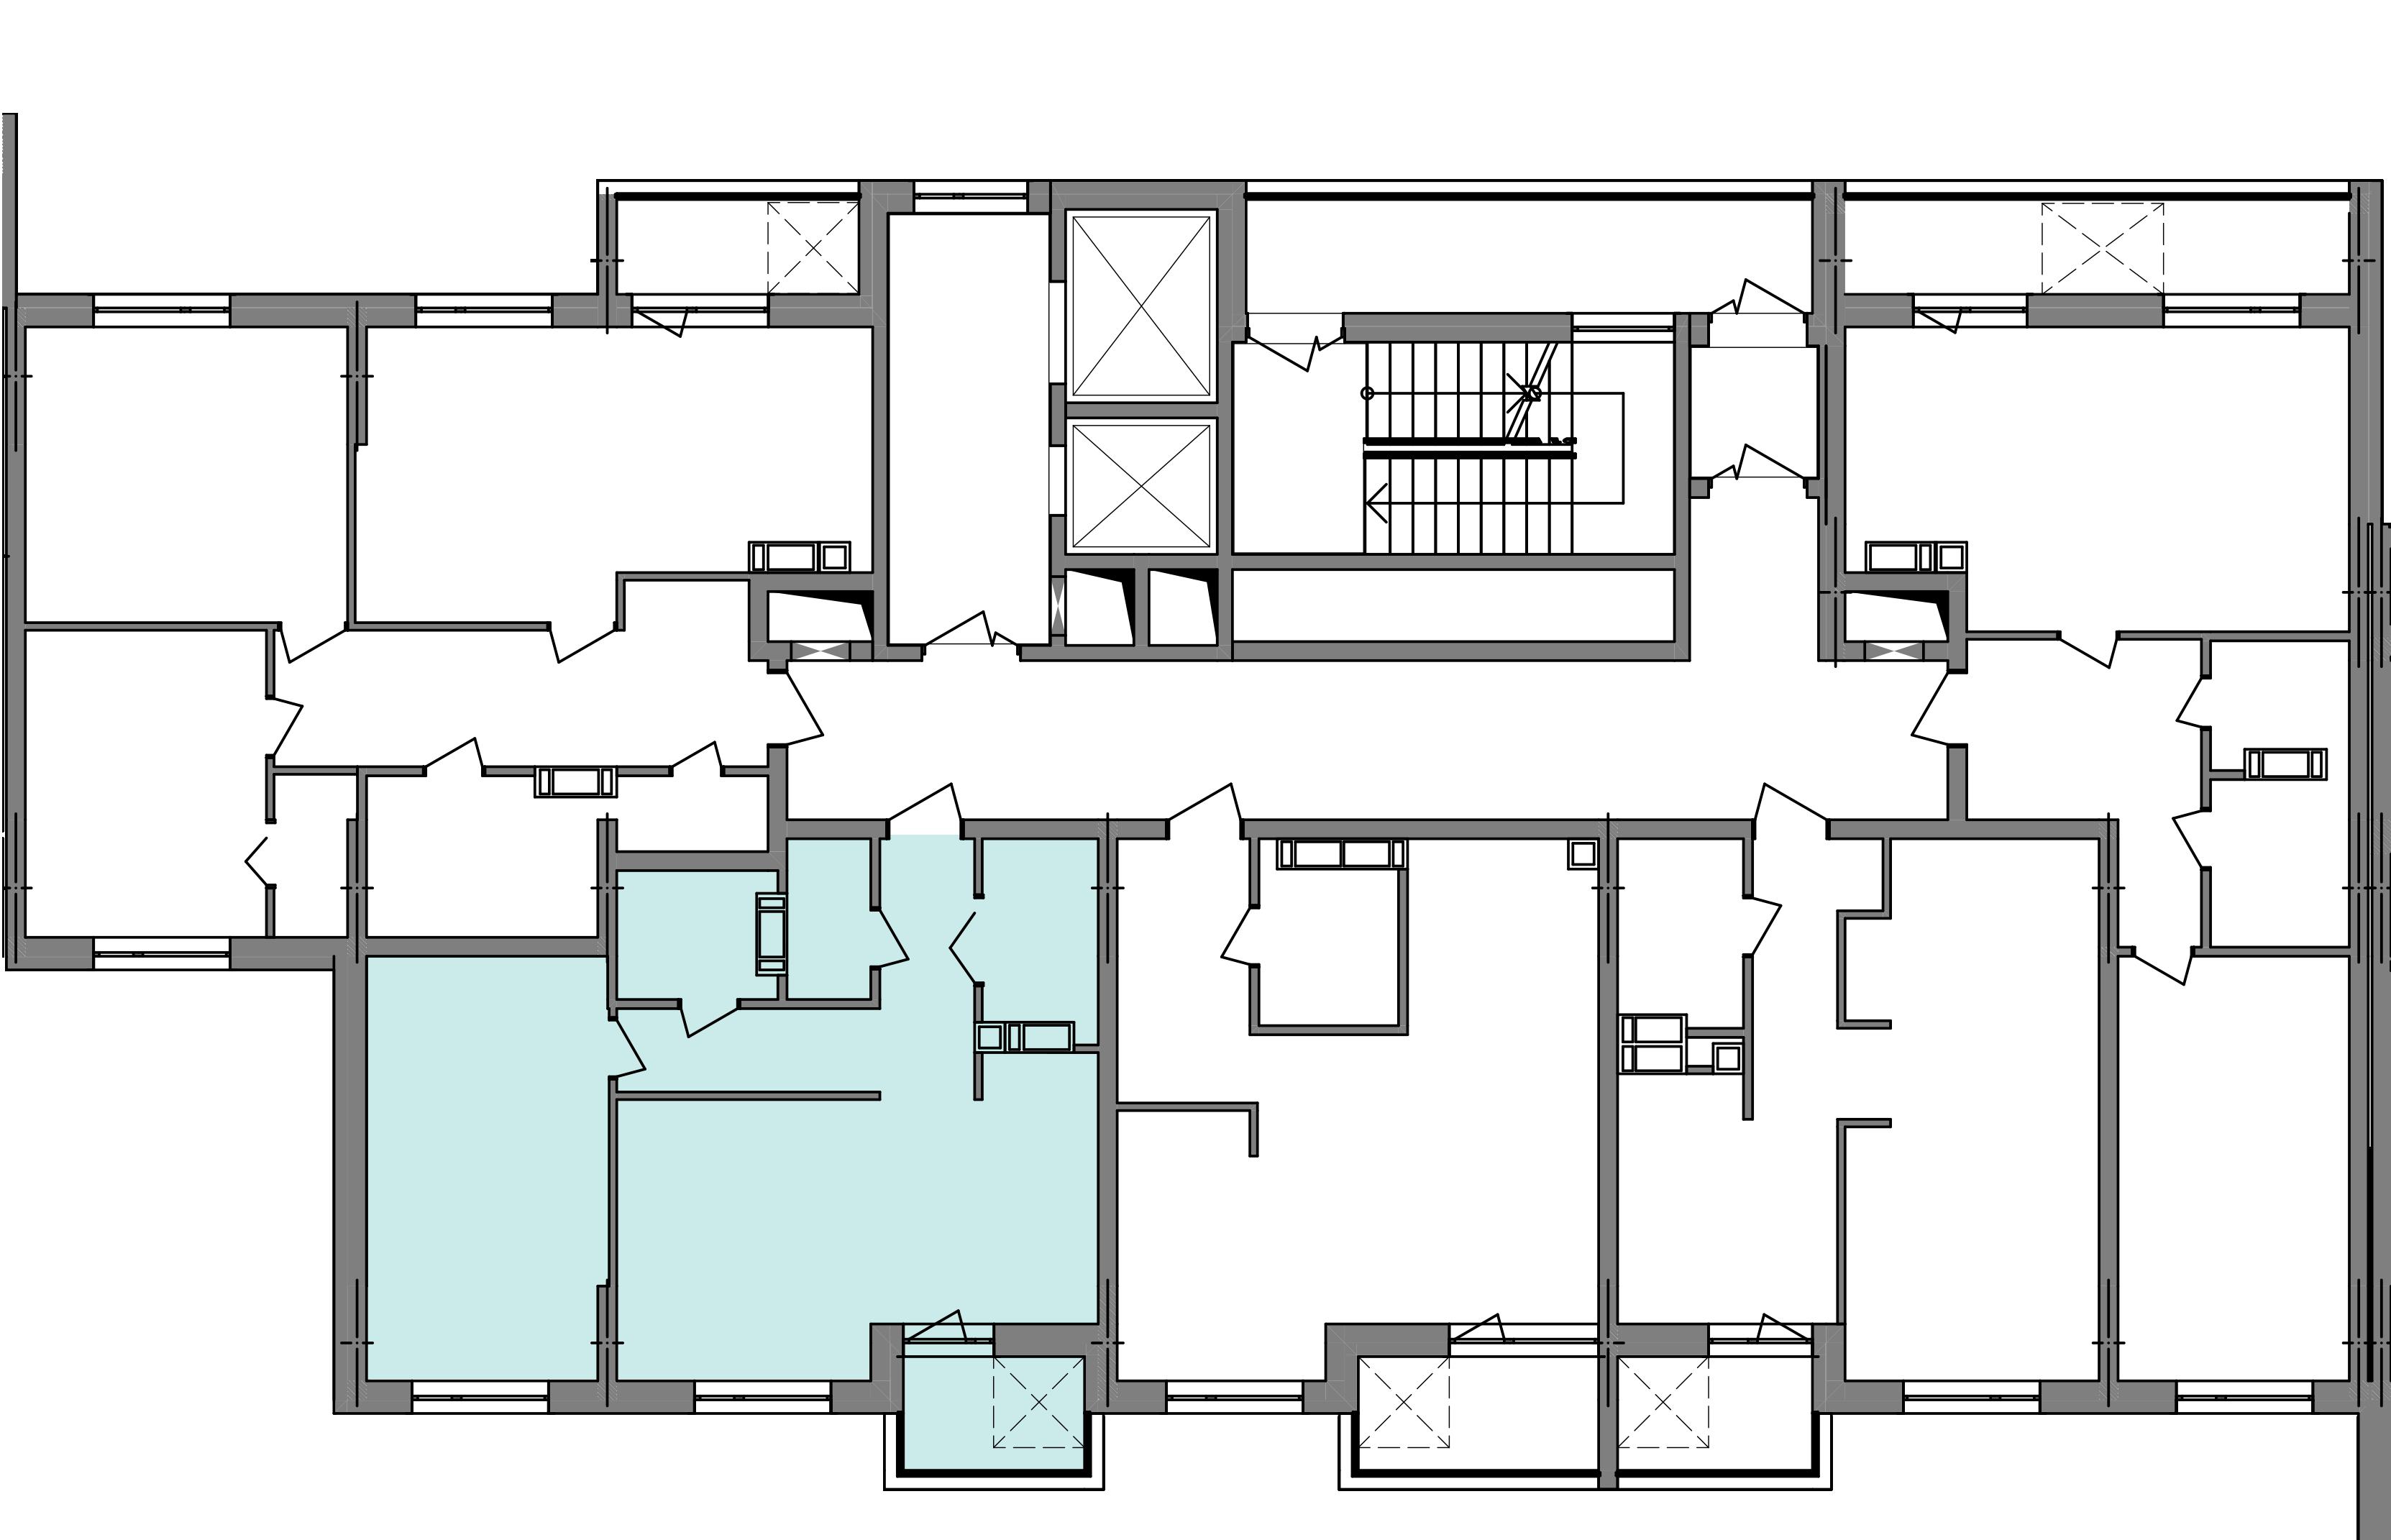 Двокімнатна квартира 56,31 кв.м., тип 2.4, будинок 3, секція 4 розташування на поверсі